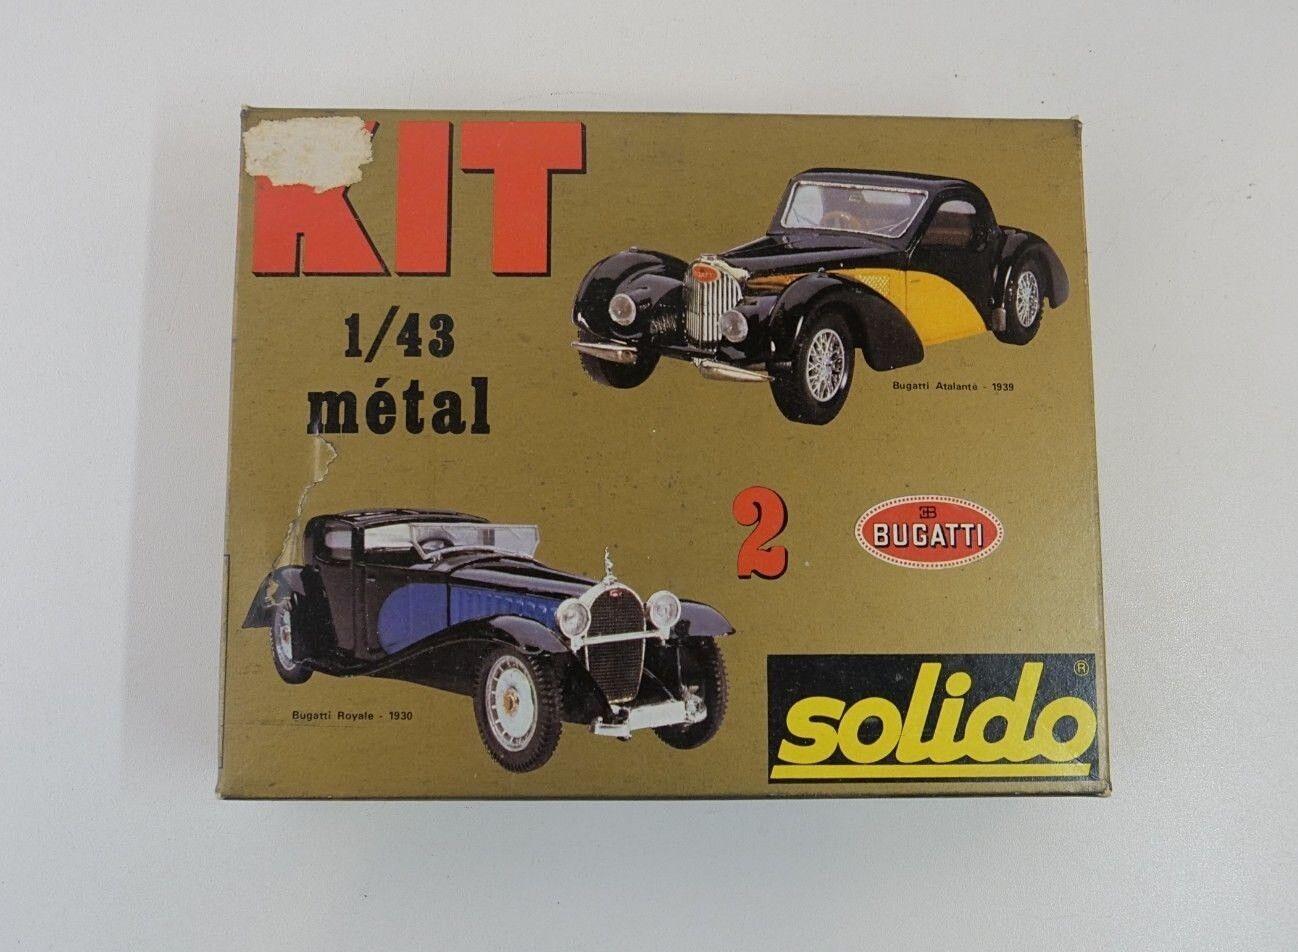 venta Solido Kit in Metallo ref.5401 Due Due Due Bugatti Royale Atalante C 1 43 Mint Scatola    nueva gama alta exclusiva